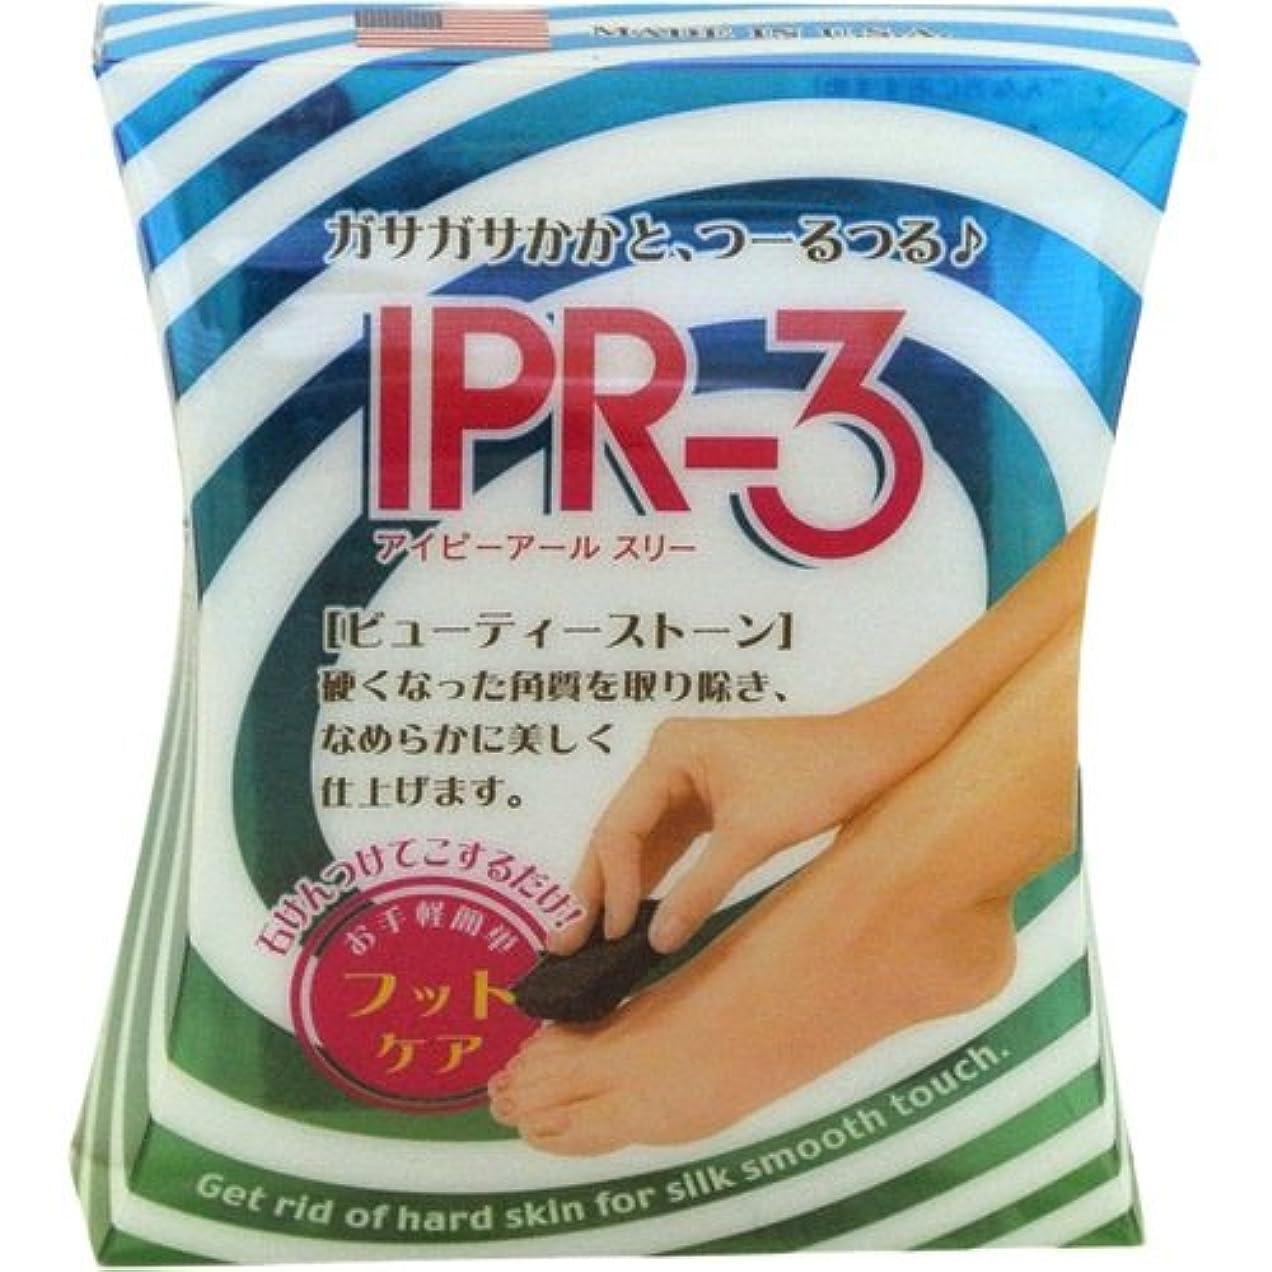 詐欺師戻る補助金IPR-3(アイピーアールスリー) ビューティーストーン